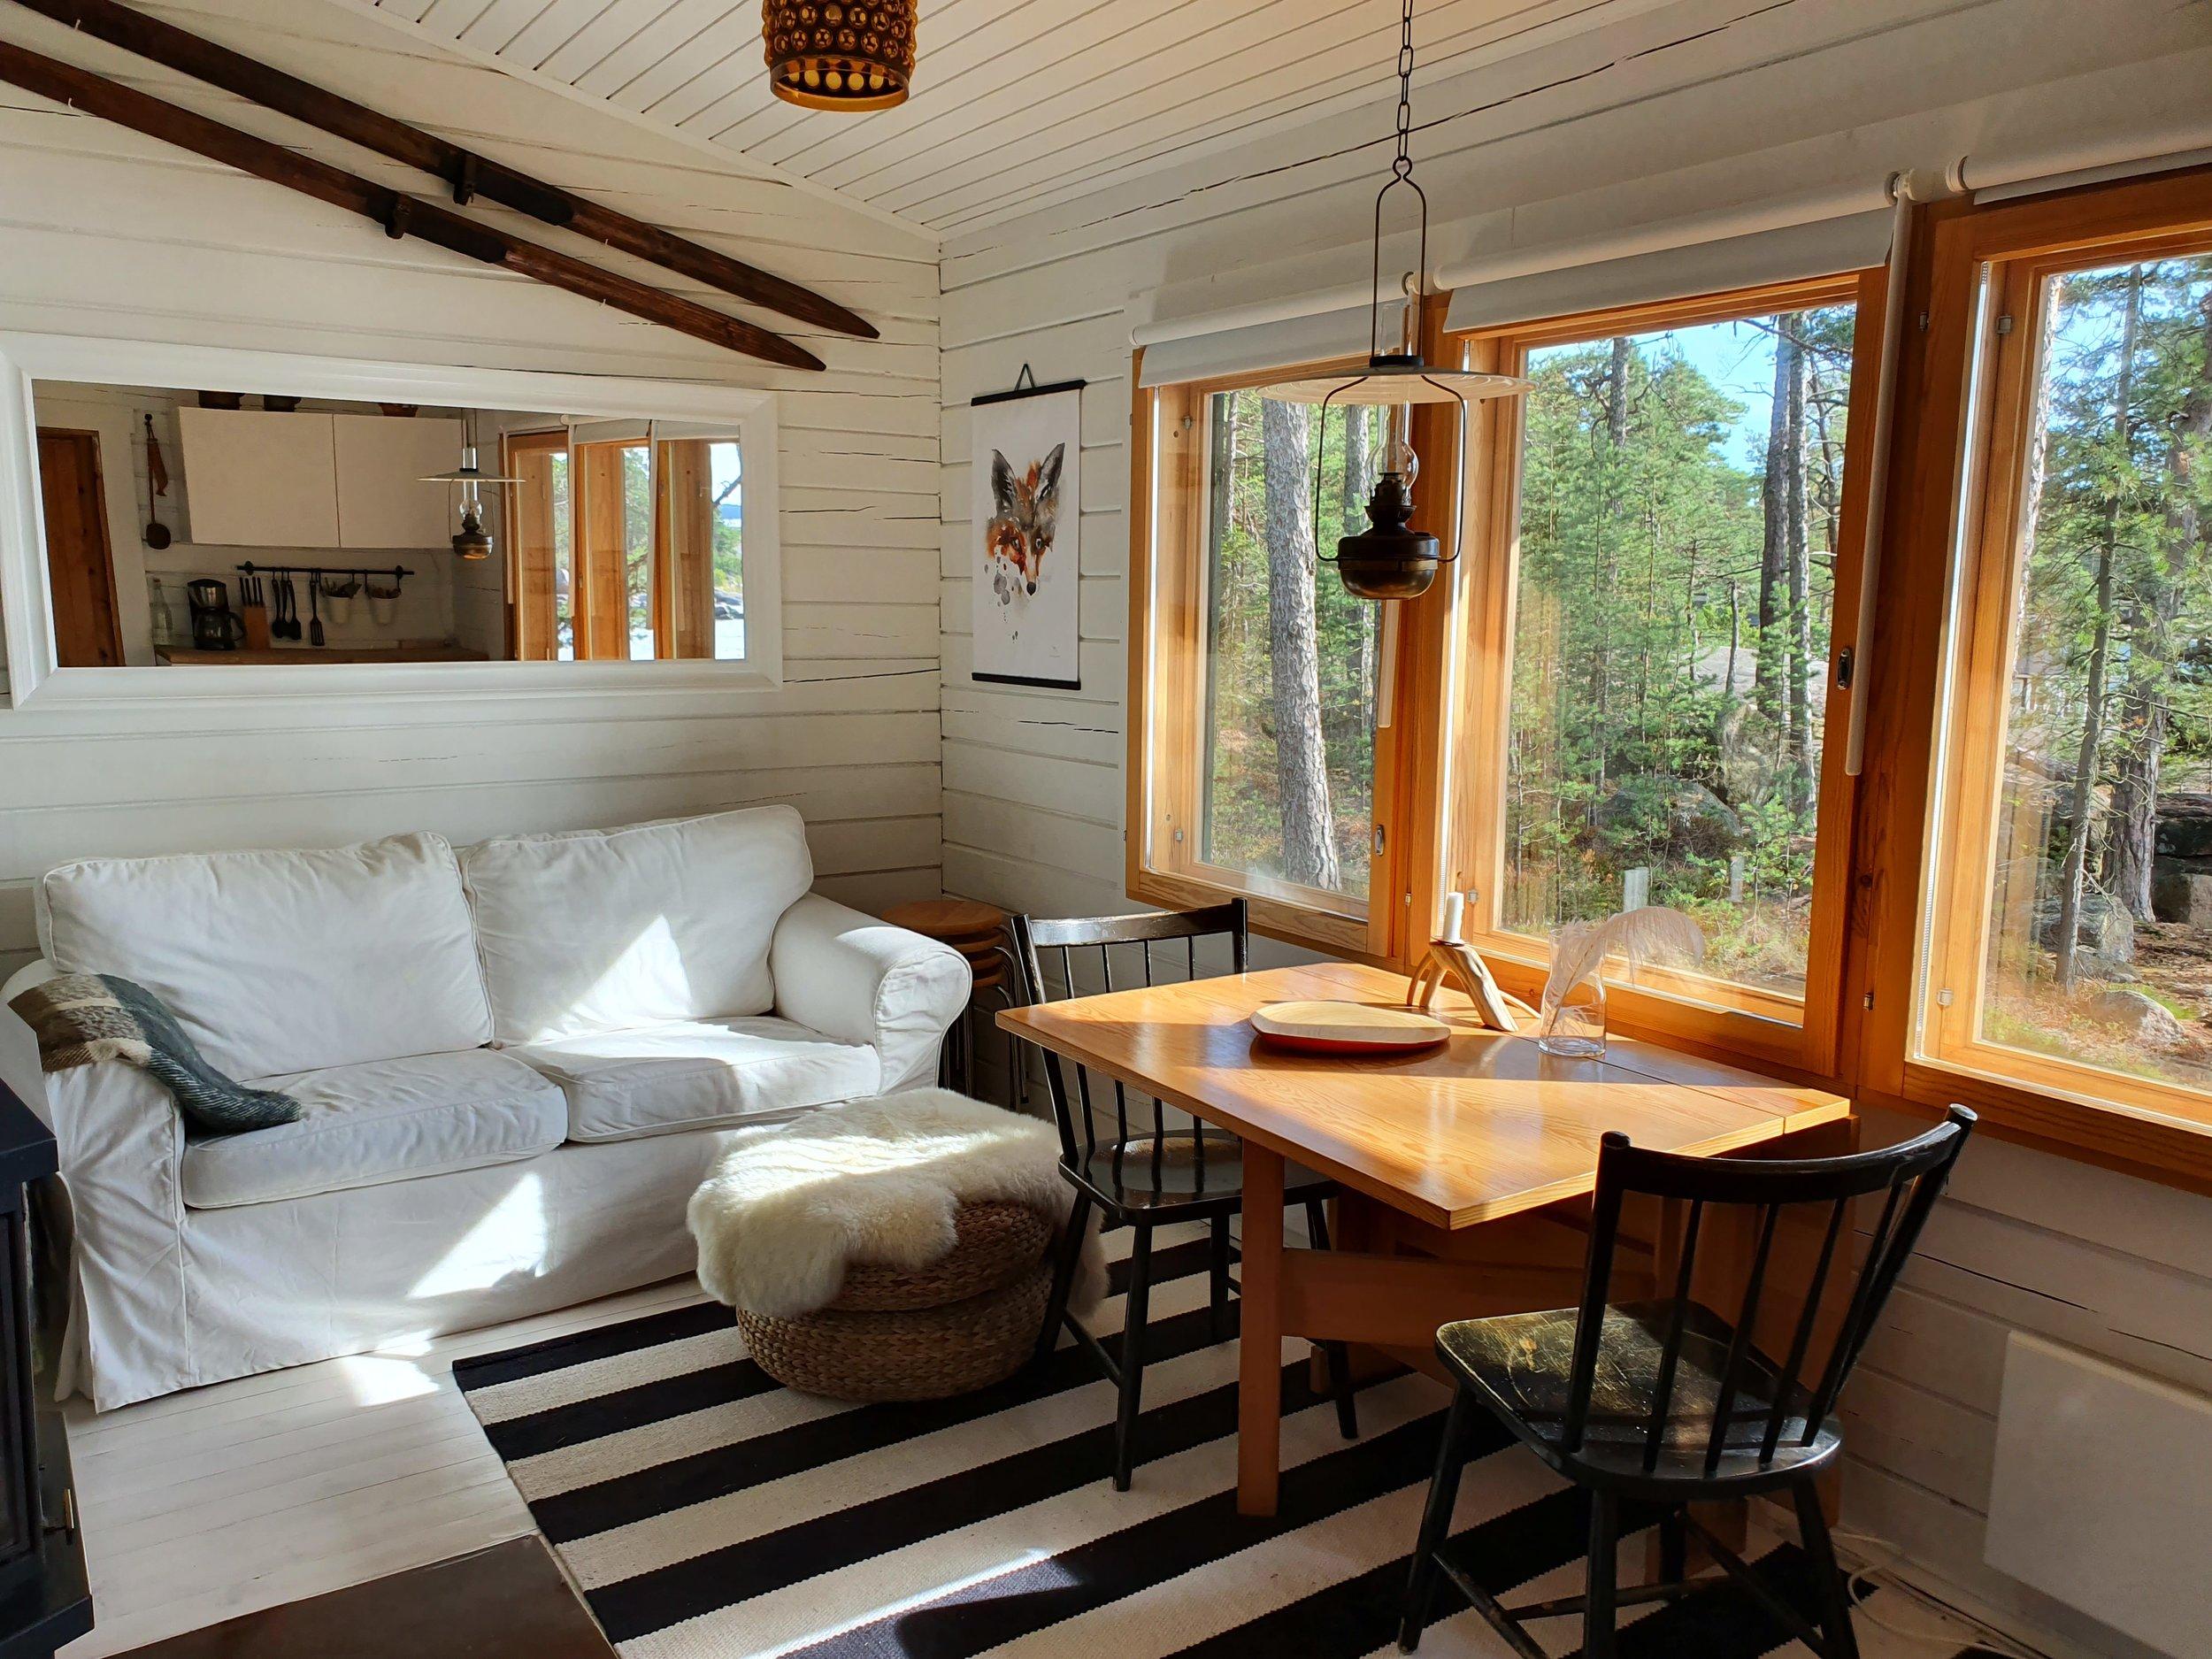 pimp_my_cabin_sofa.jpg